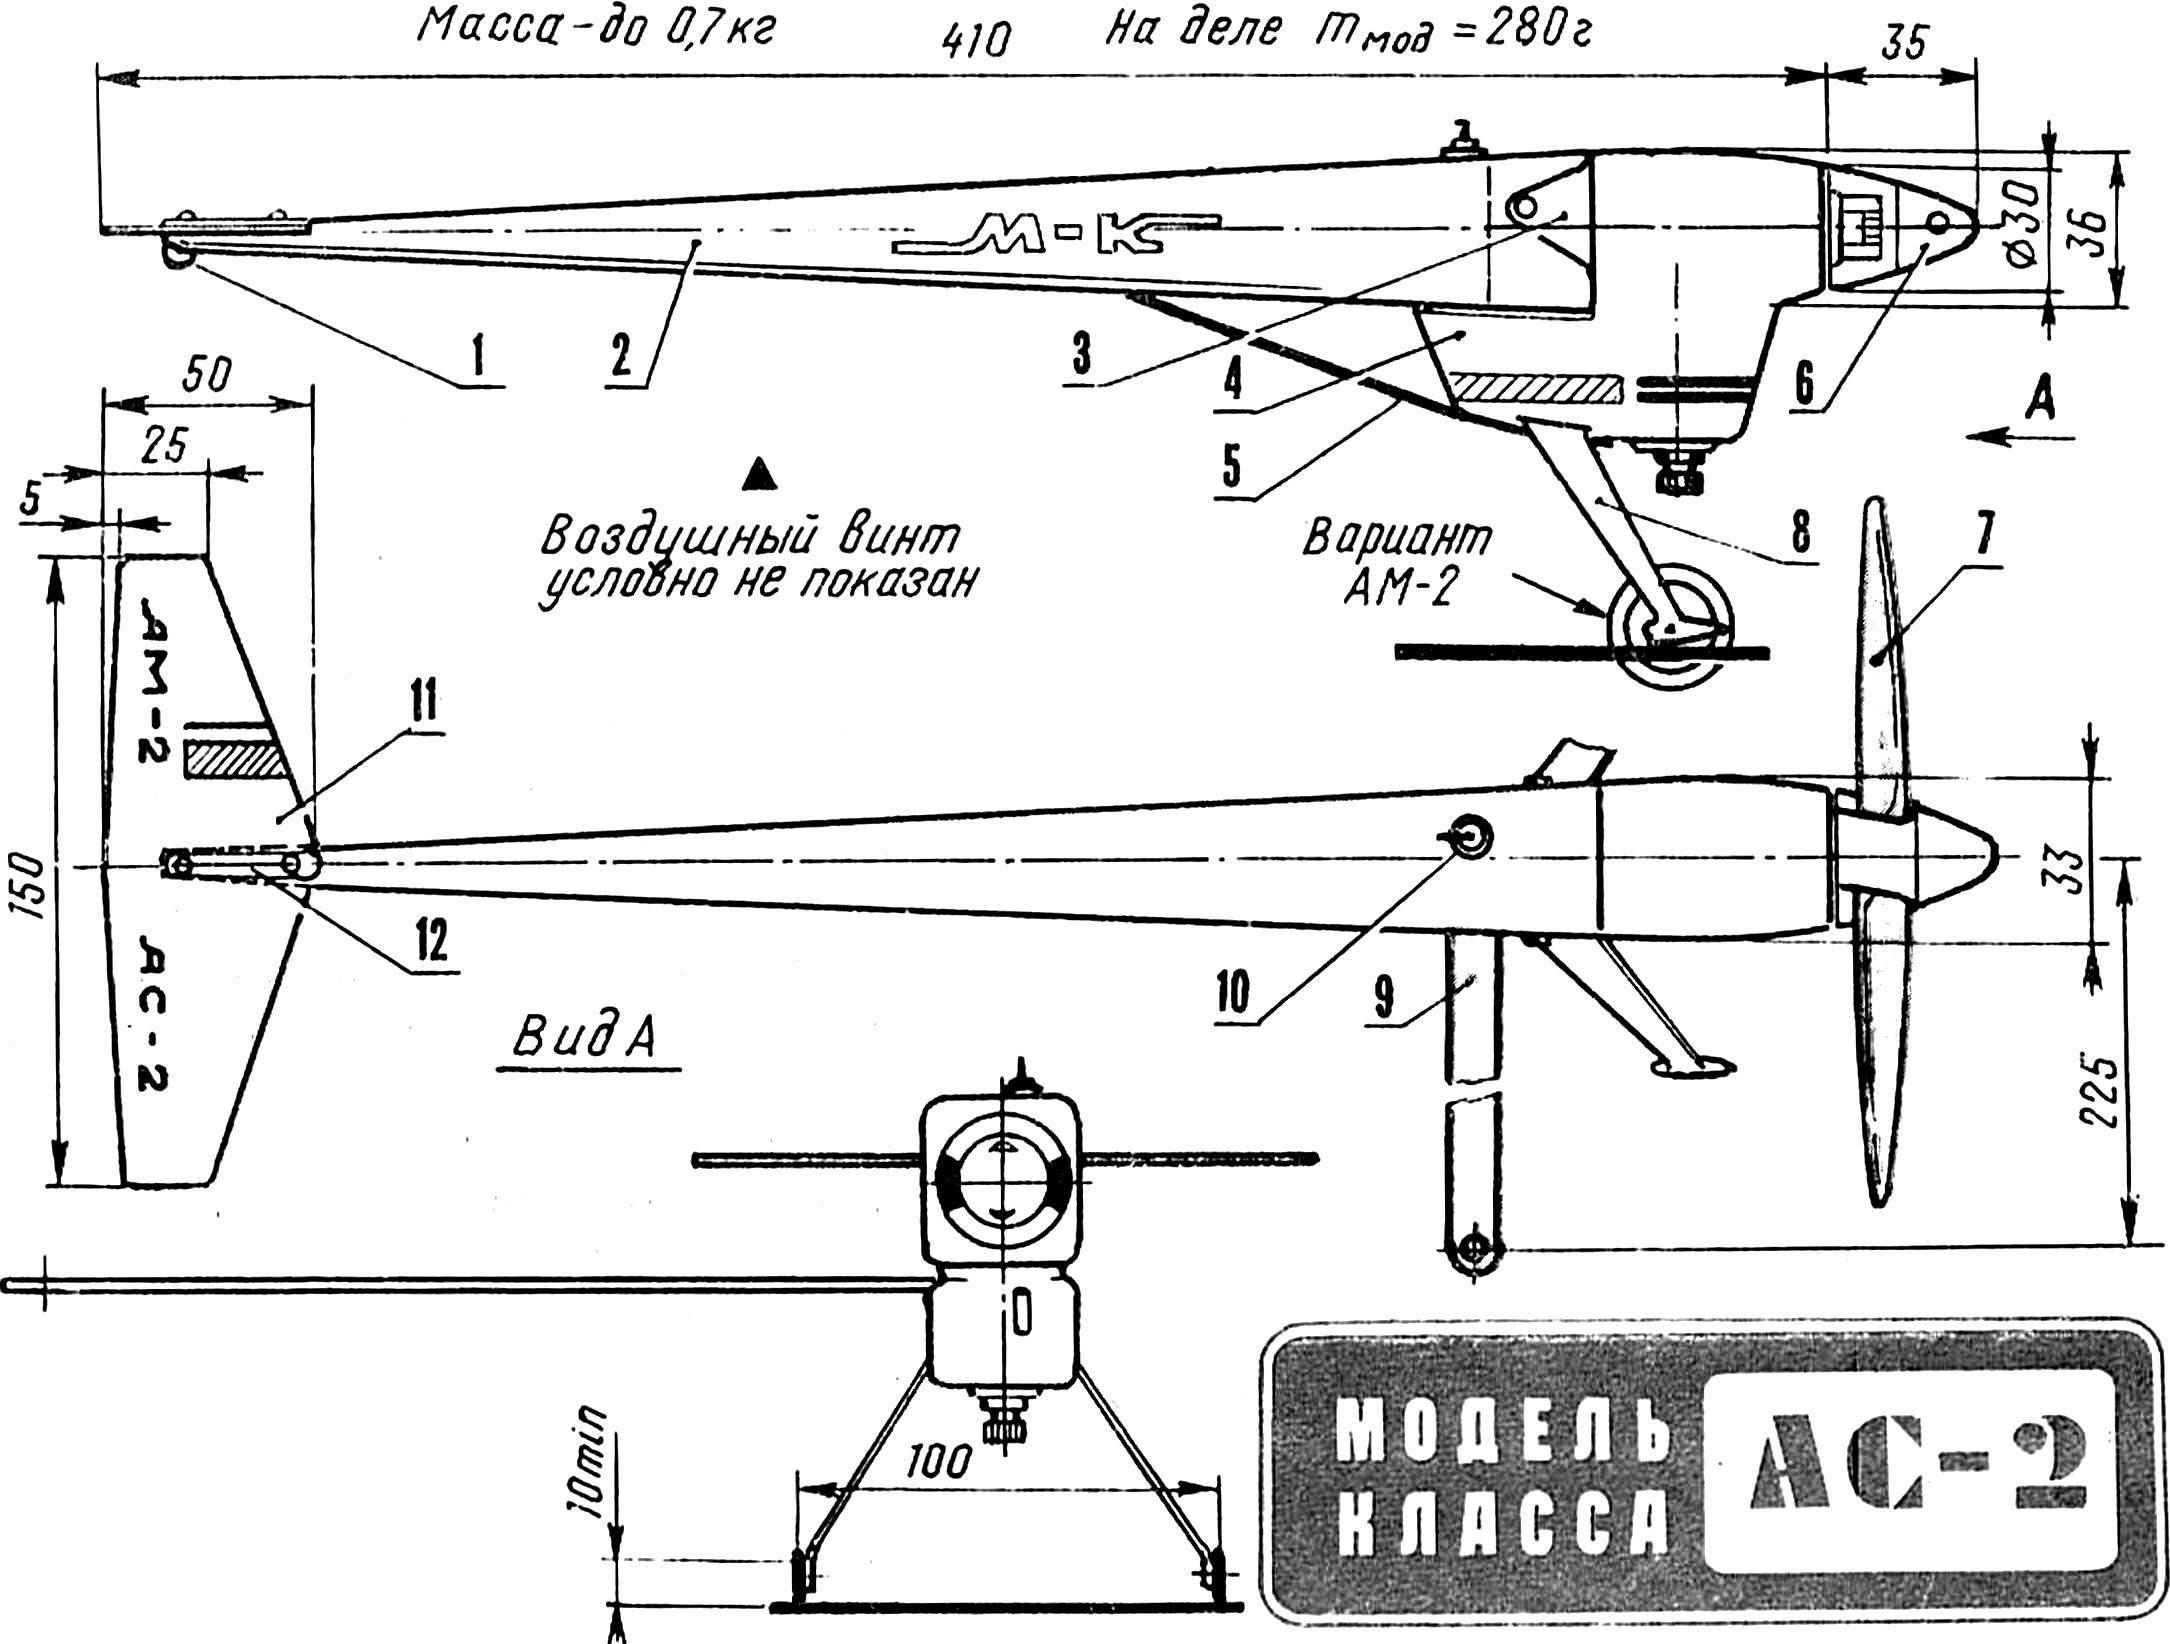 Кордовая гоночная модель аэросаней с двигателем рабочим объемом 2,5 см3.